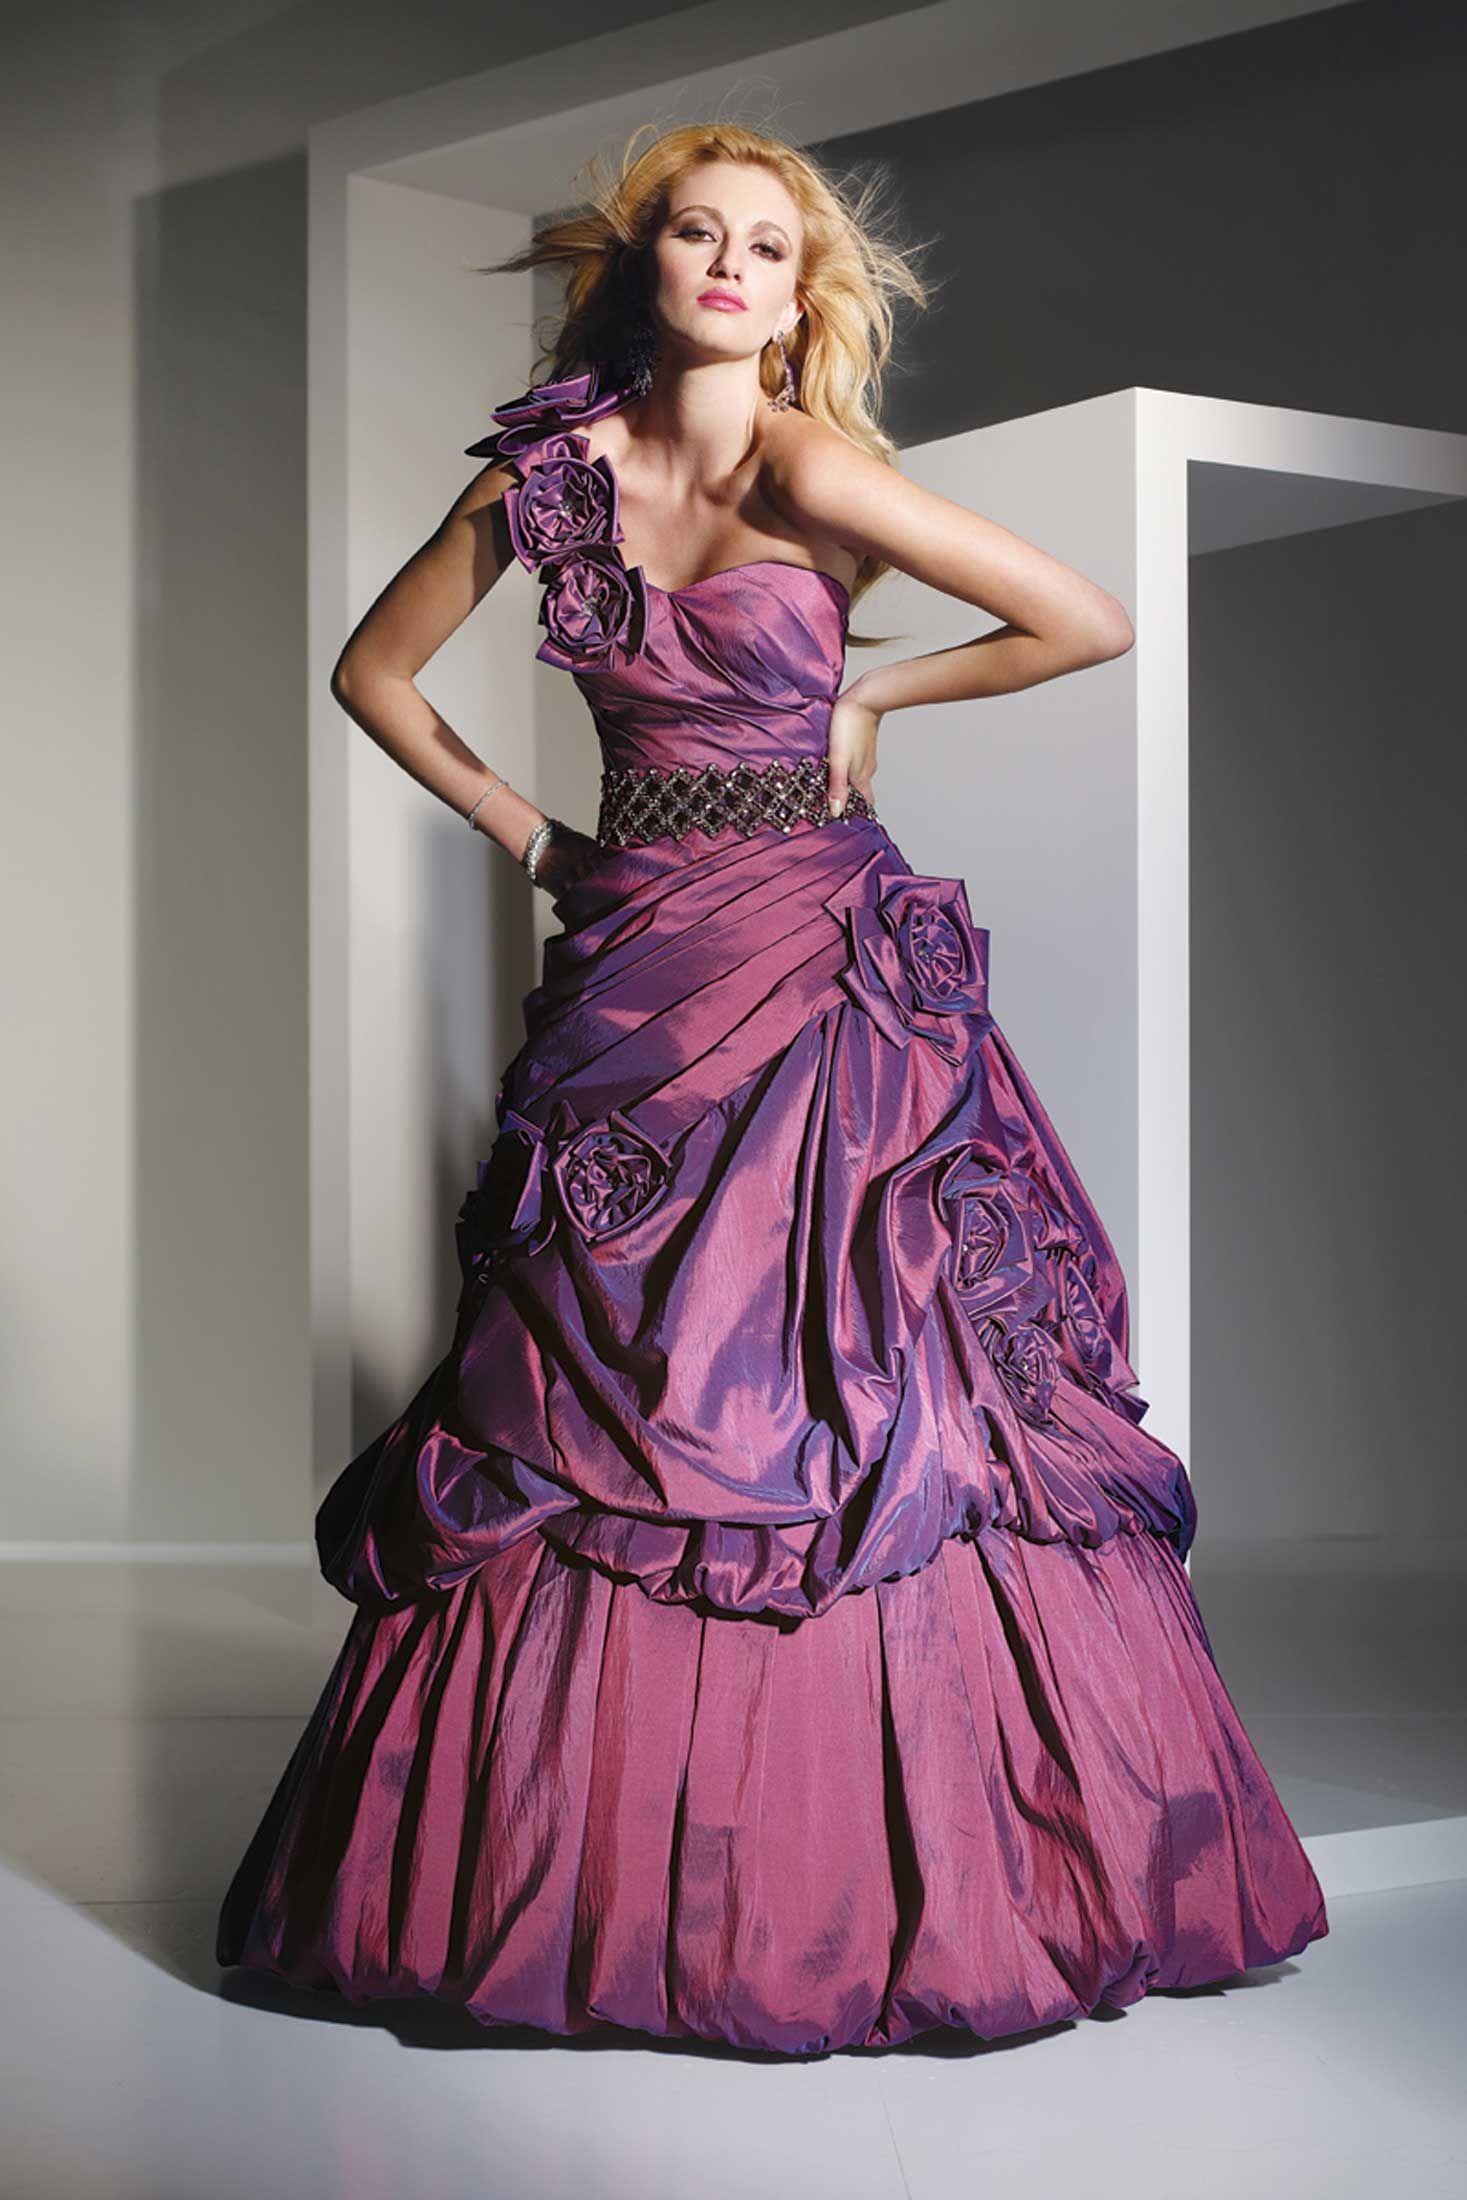 Vestidos bonitos de 15 aСЂС–РІВ±os